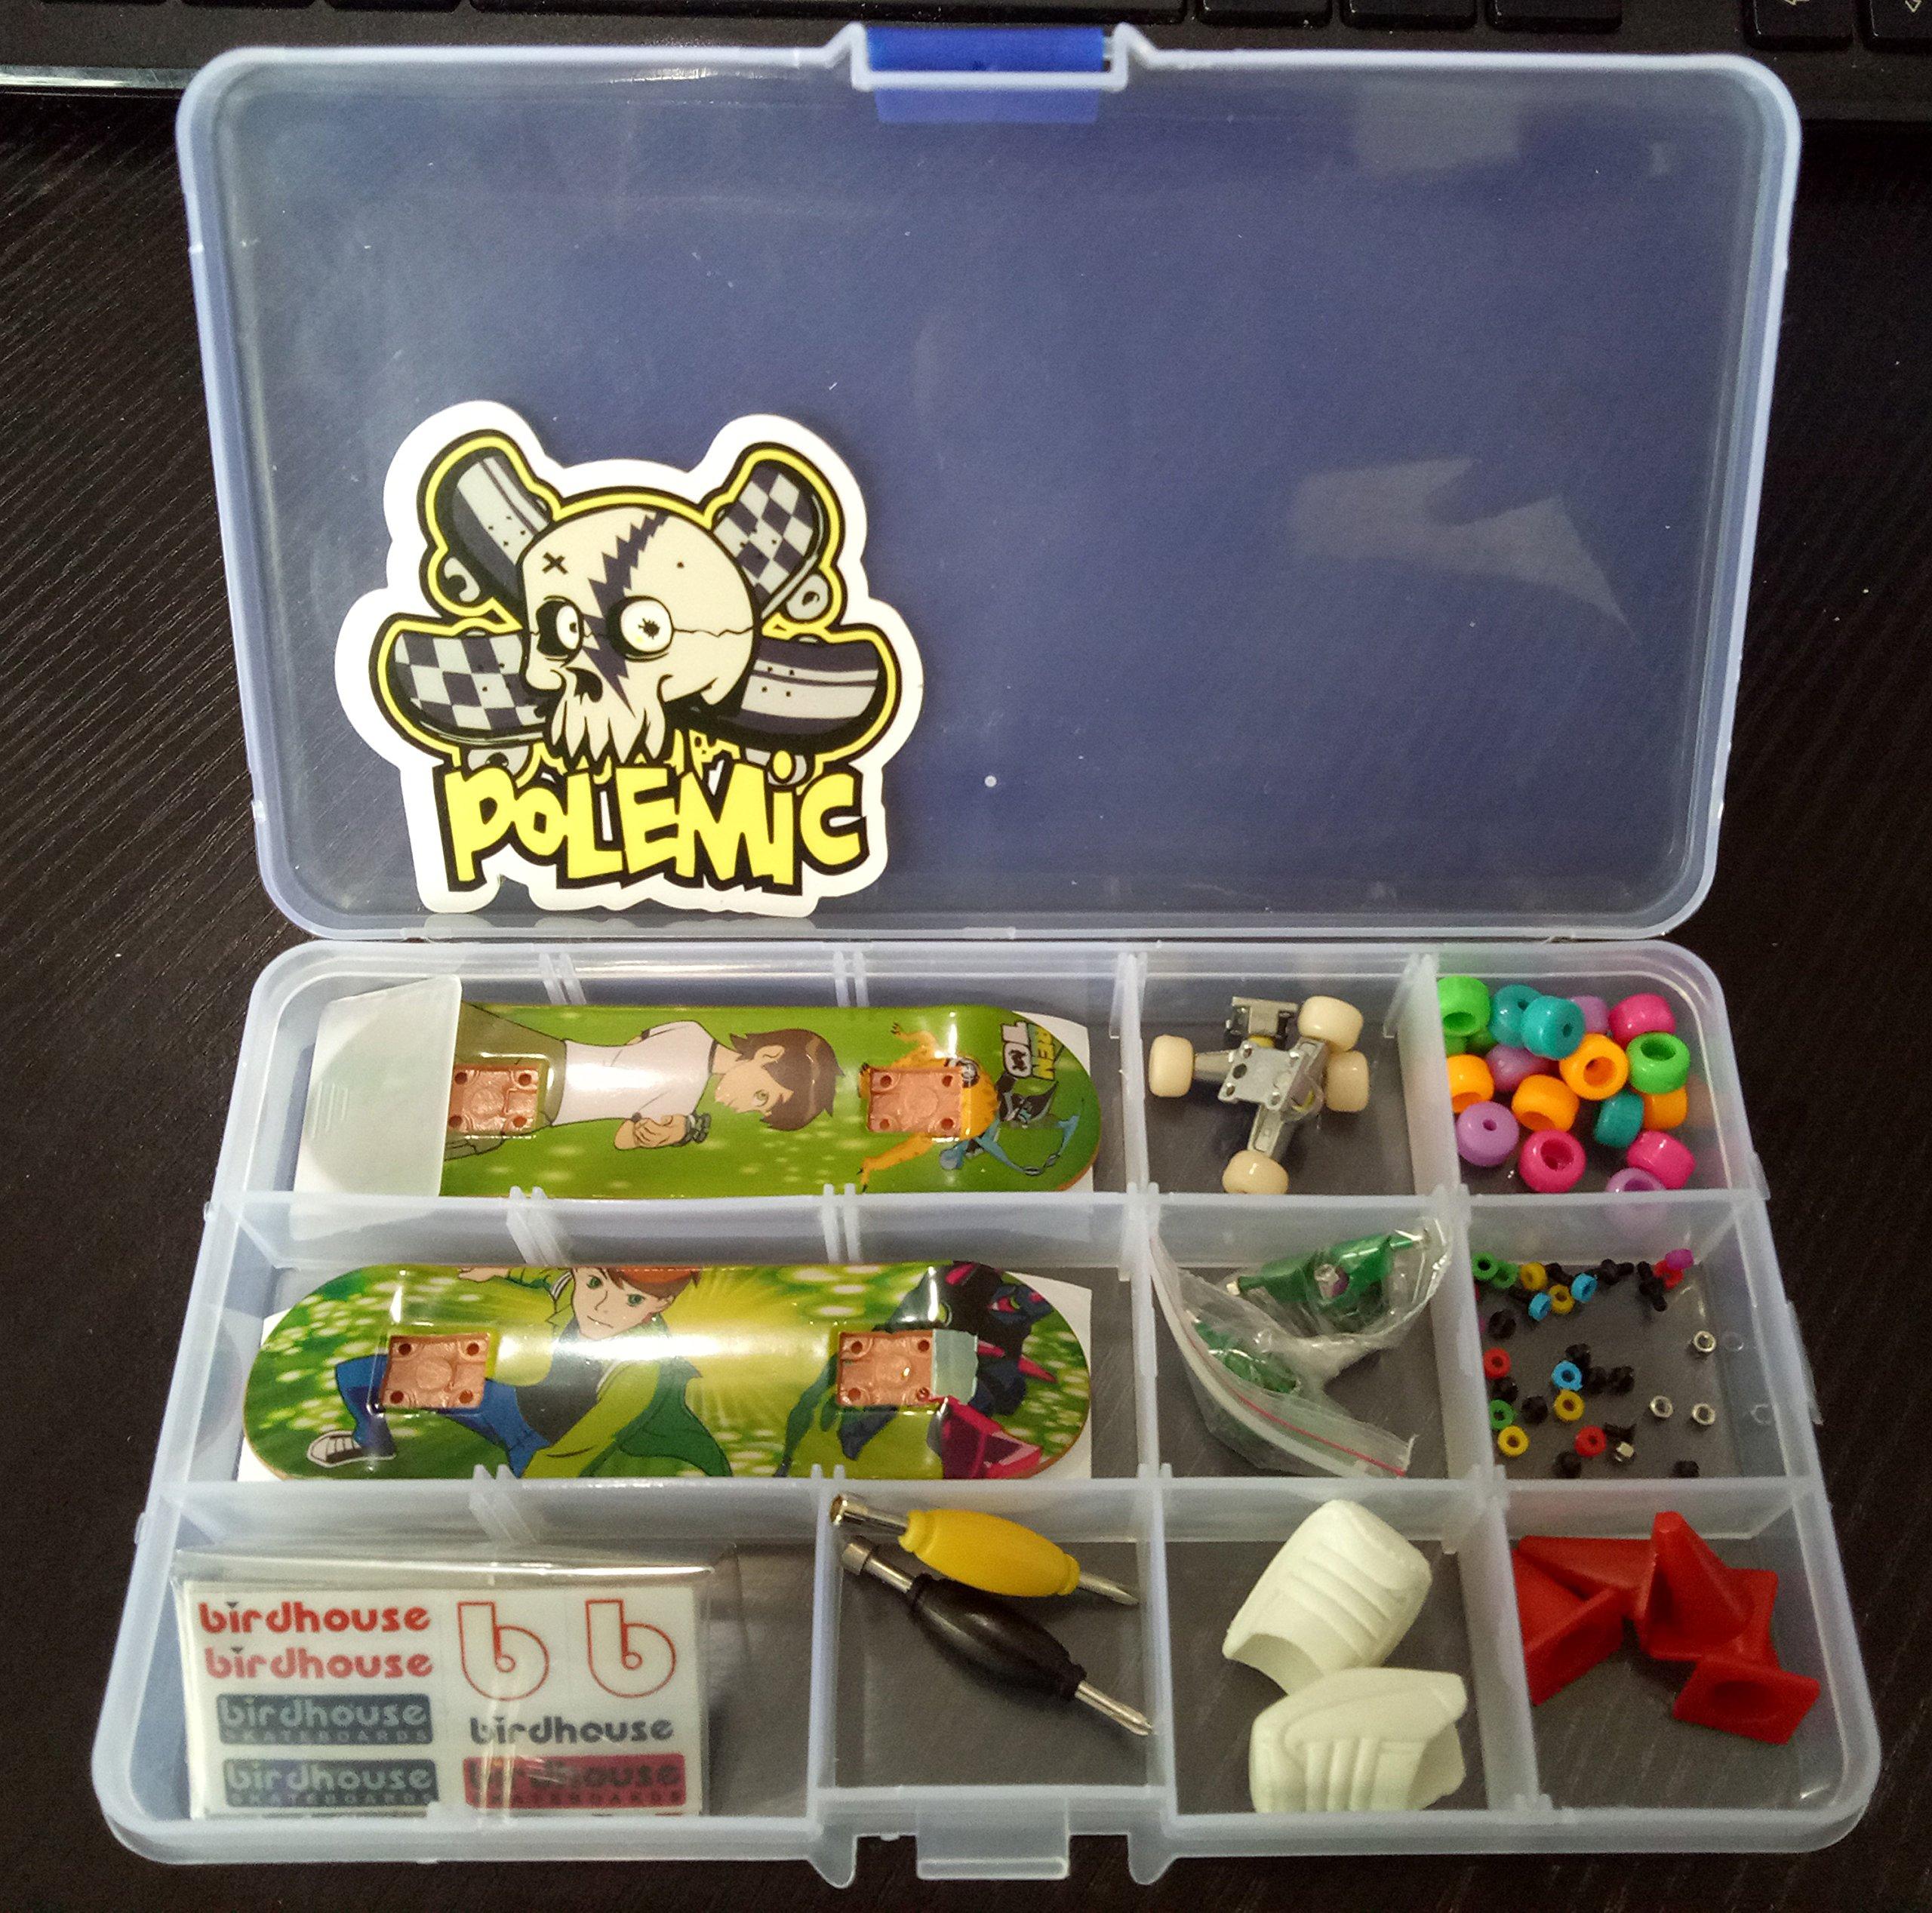 Fanci ABS Finger Skateboard Set Double Rocker DIY Mini Finger Boarding Toy with Storage Box by Fanci (Image #3)